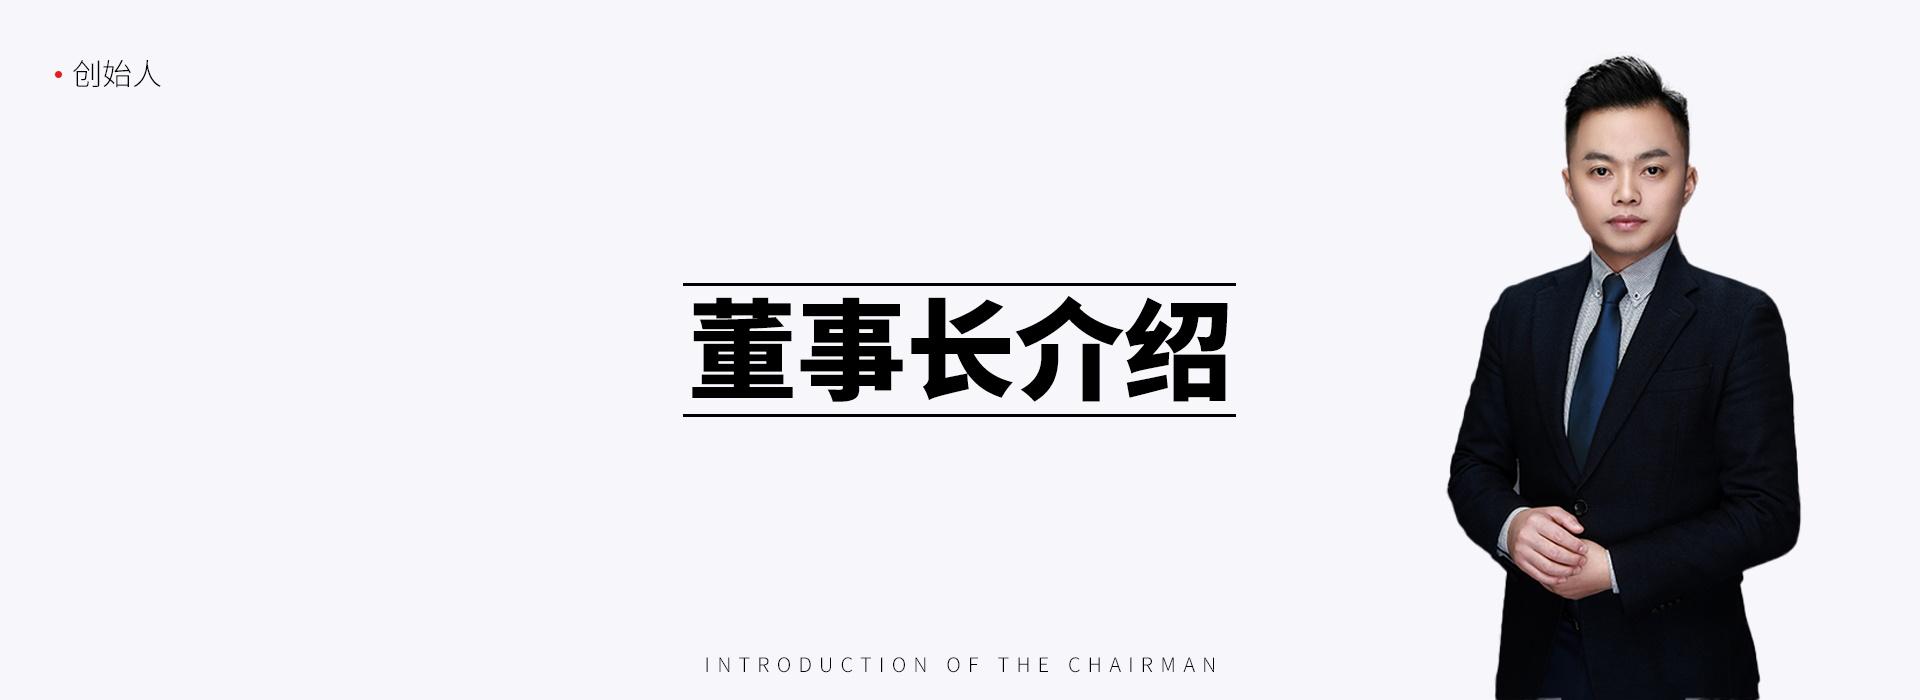 董事长介绍